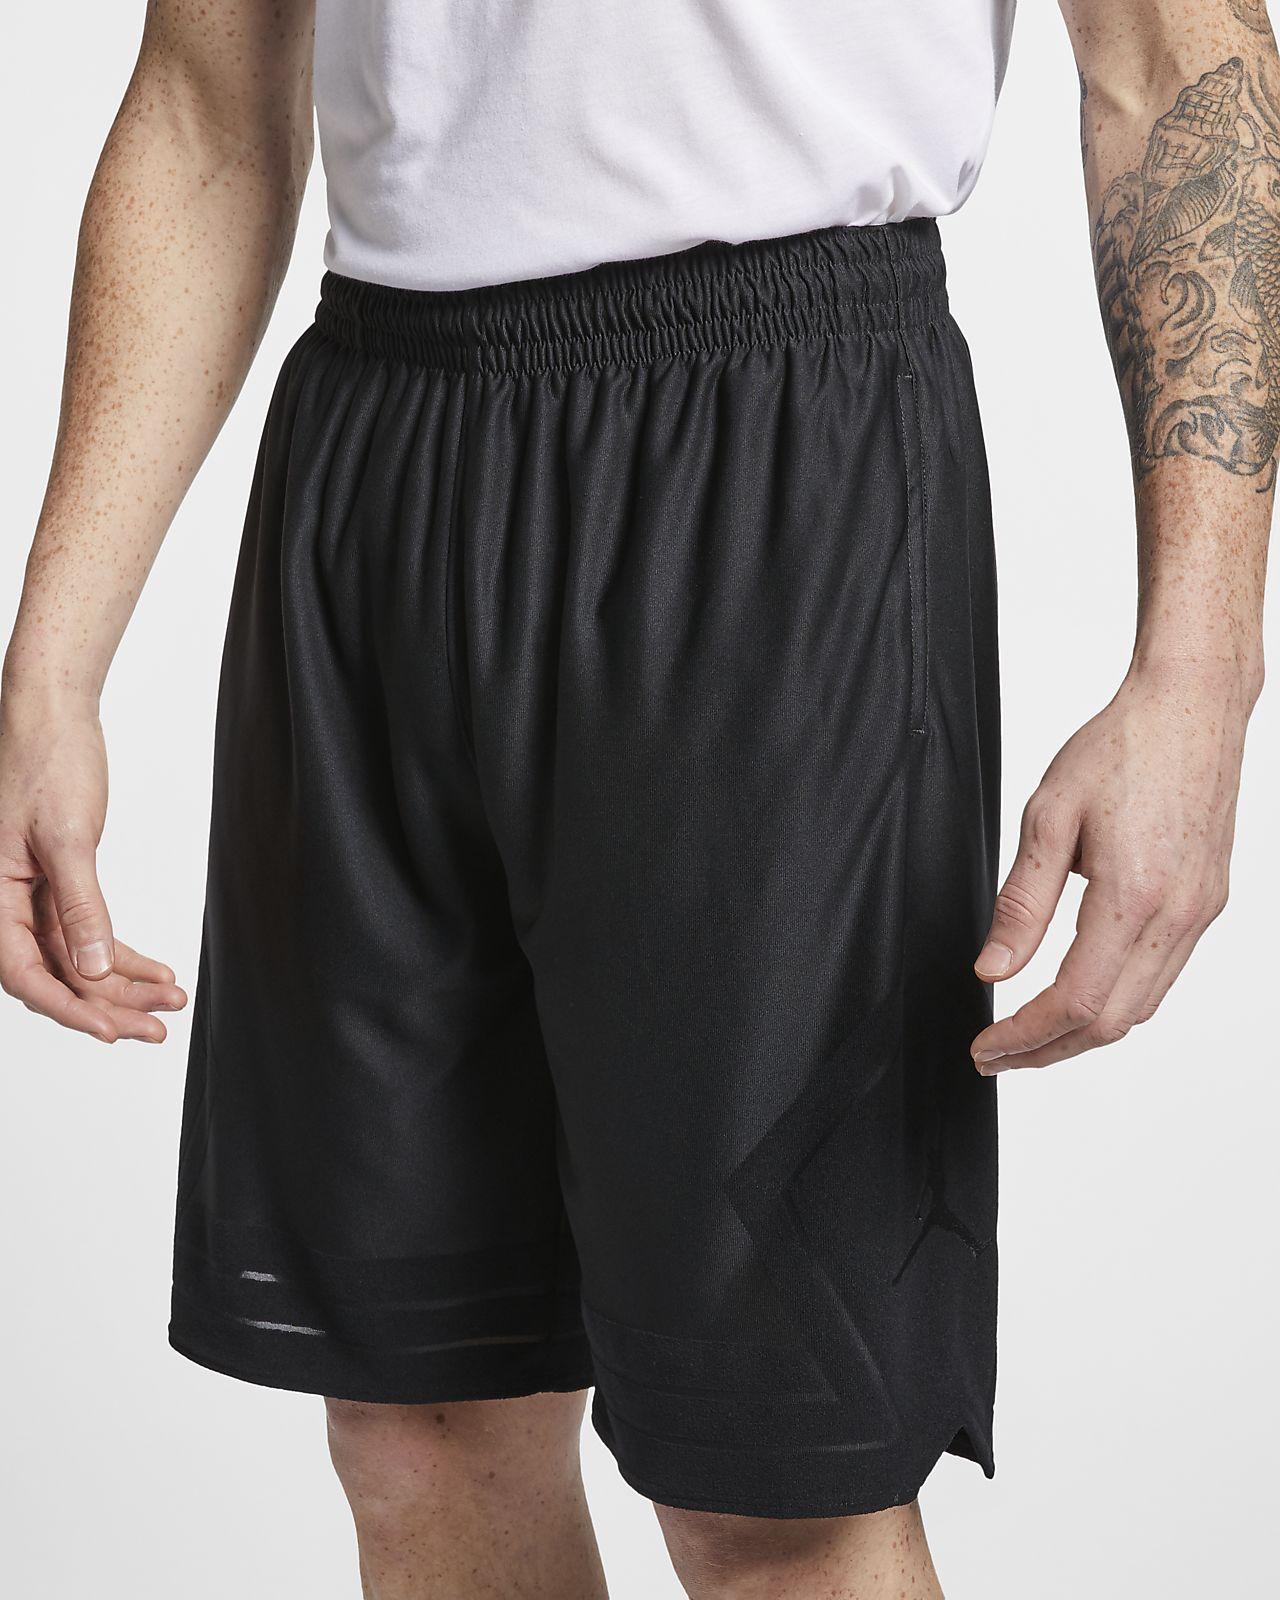 Jordan Game Men's Basketball Shorts